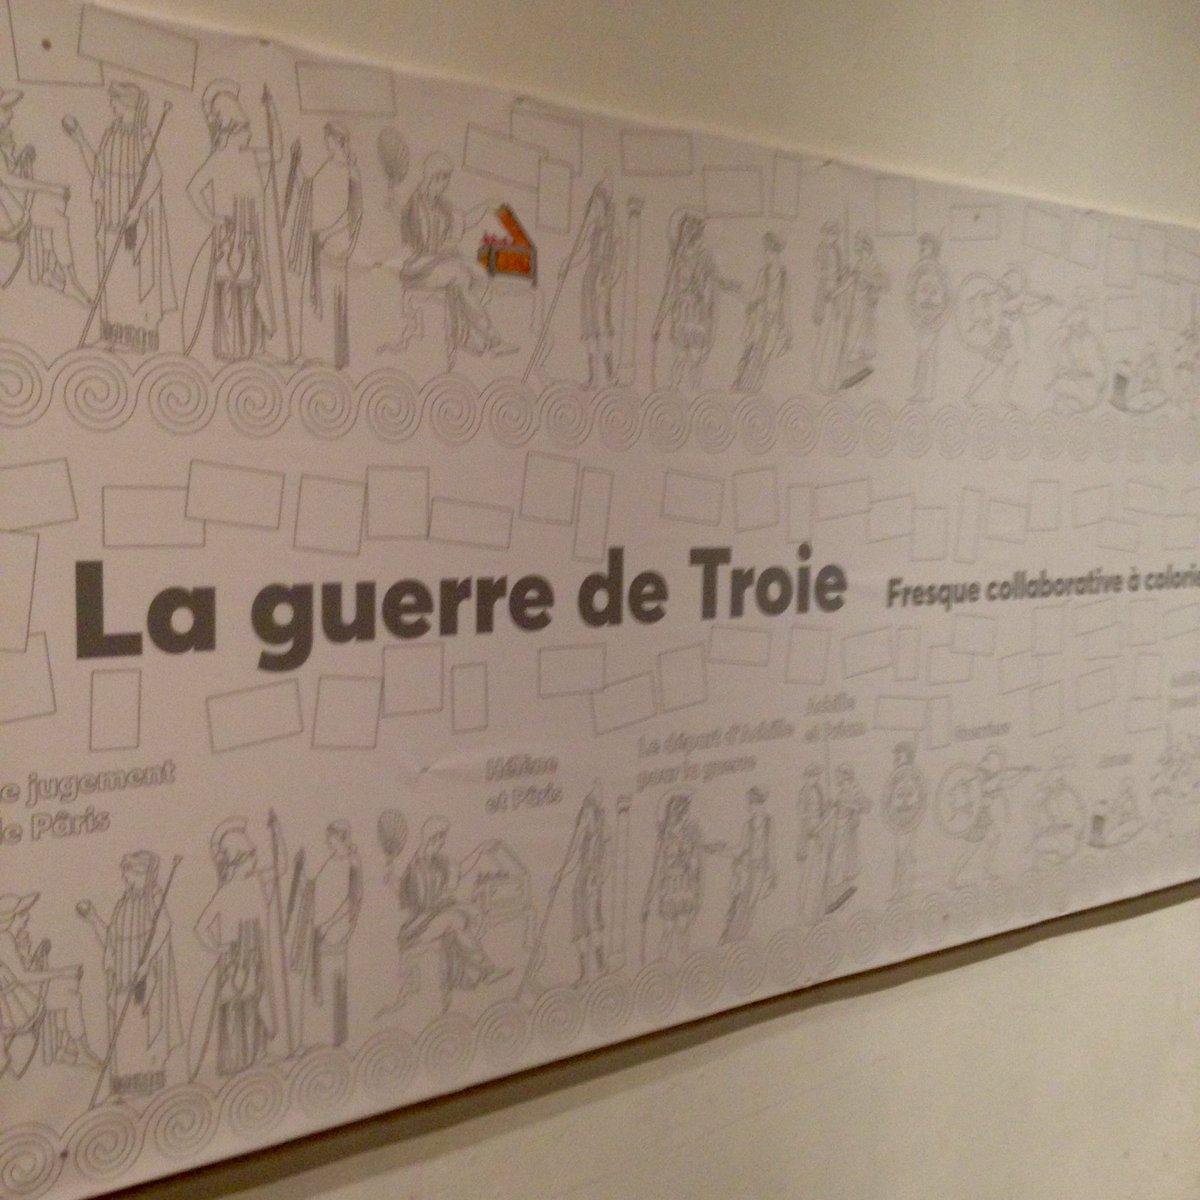 La fresque collaborative du #vasequiparle est toute neuve !  #enjoy  <br>http://pic.twitter.com/gMZaOyKfYy